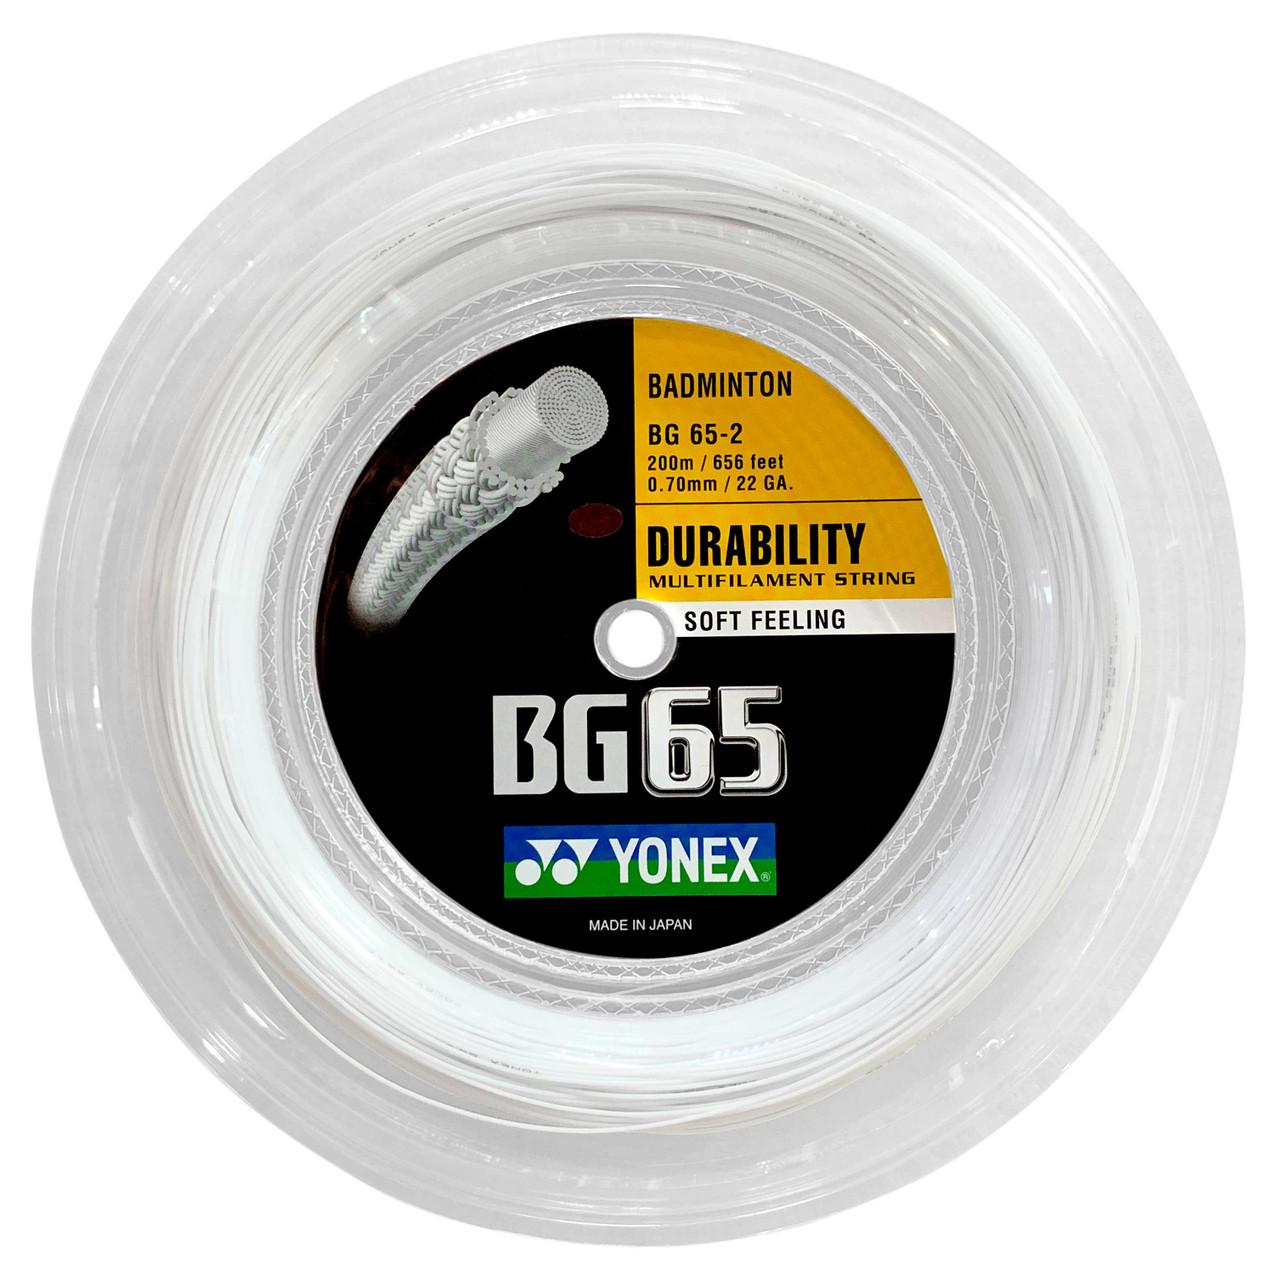 Yonex BG65 0.70mm Badminton Strings Set